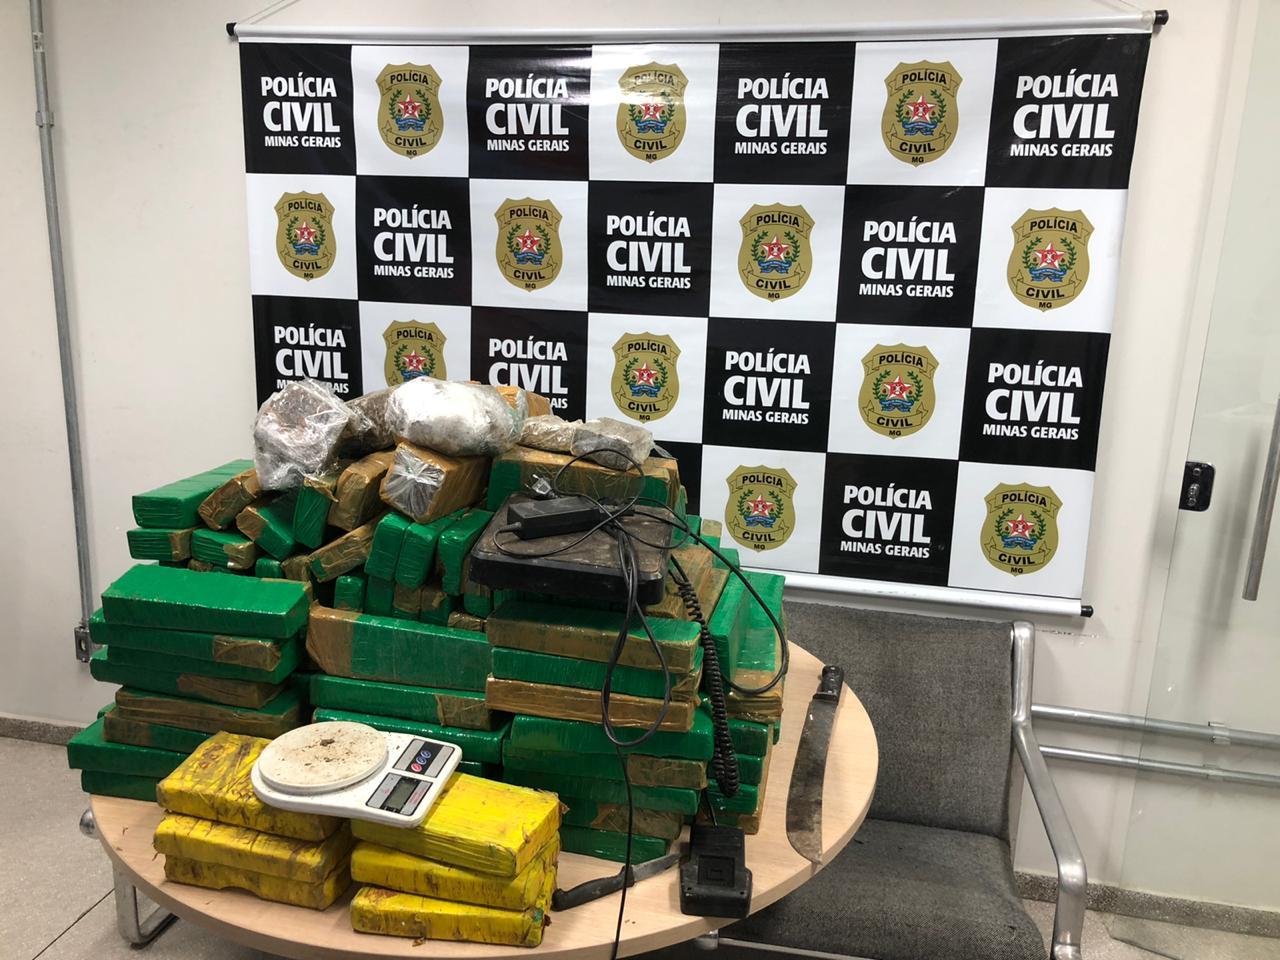 Polícia prende suspeito e apreende mais de 155 quilos de drogas em BH - Foto: Divulgação/PCMG